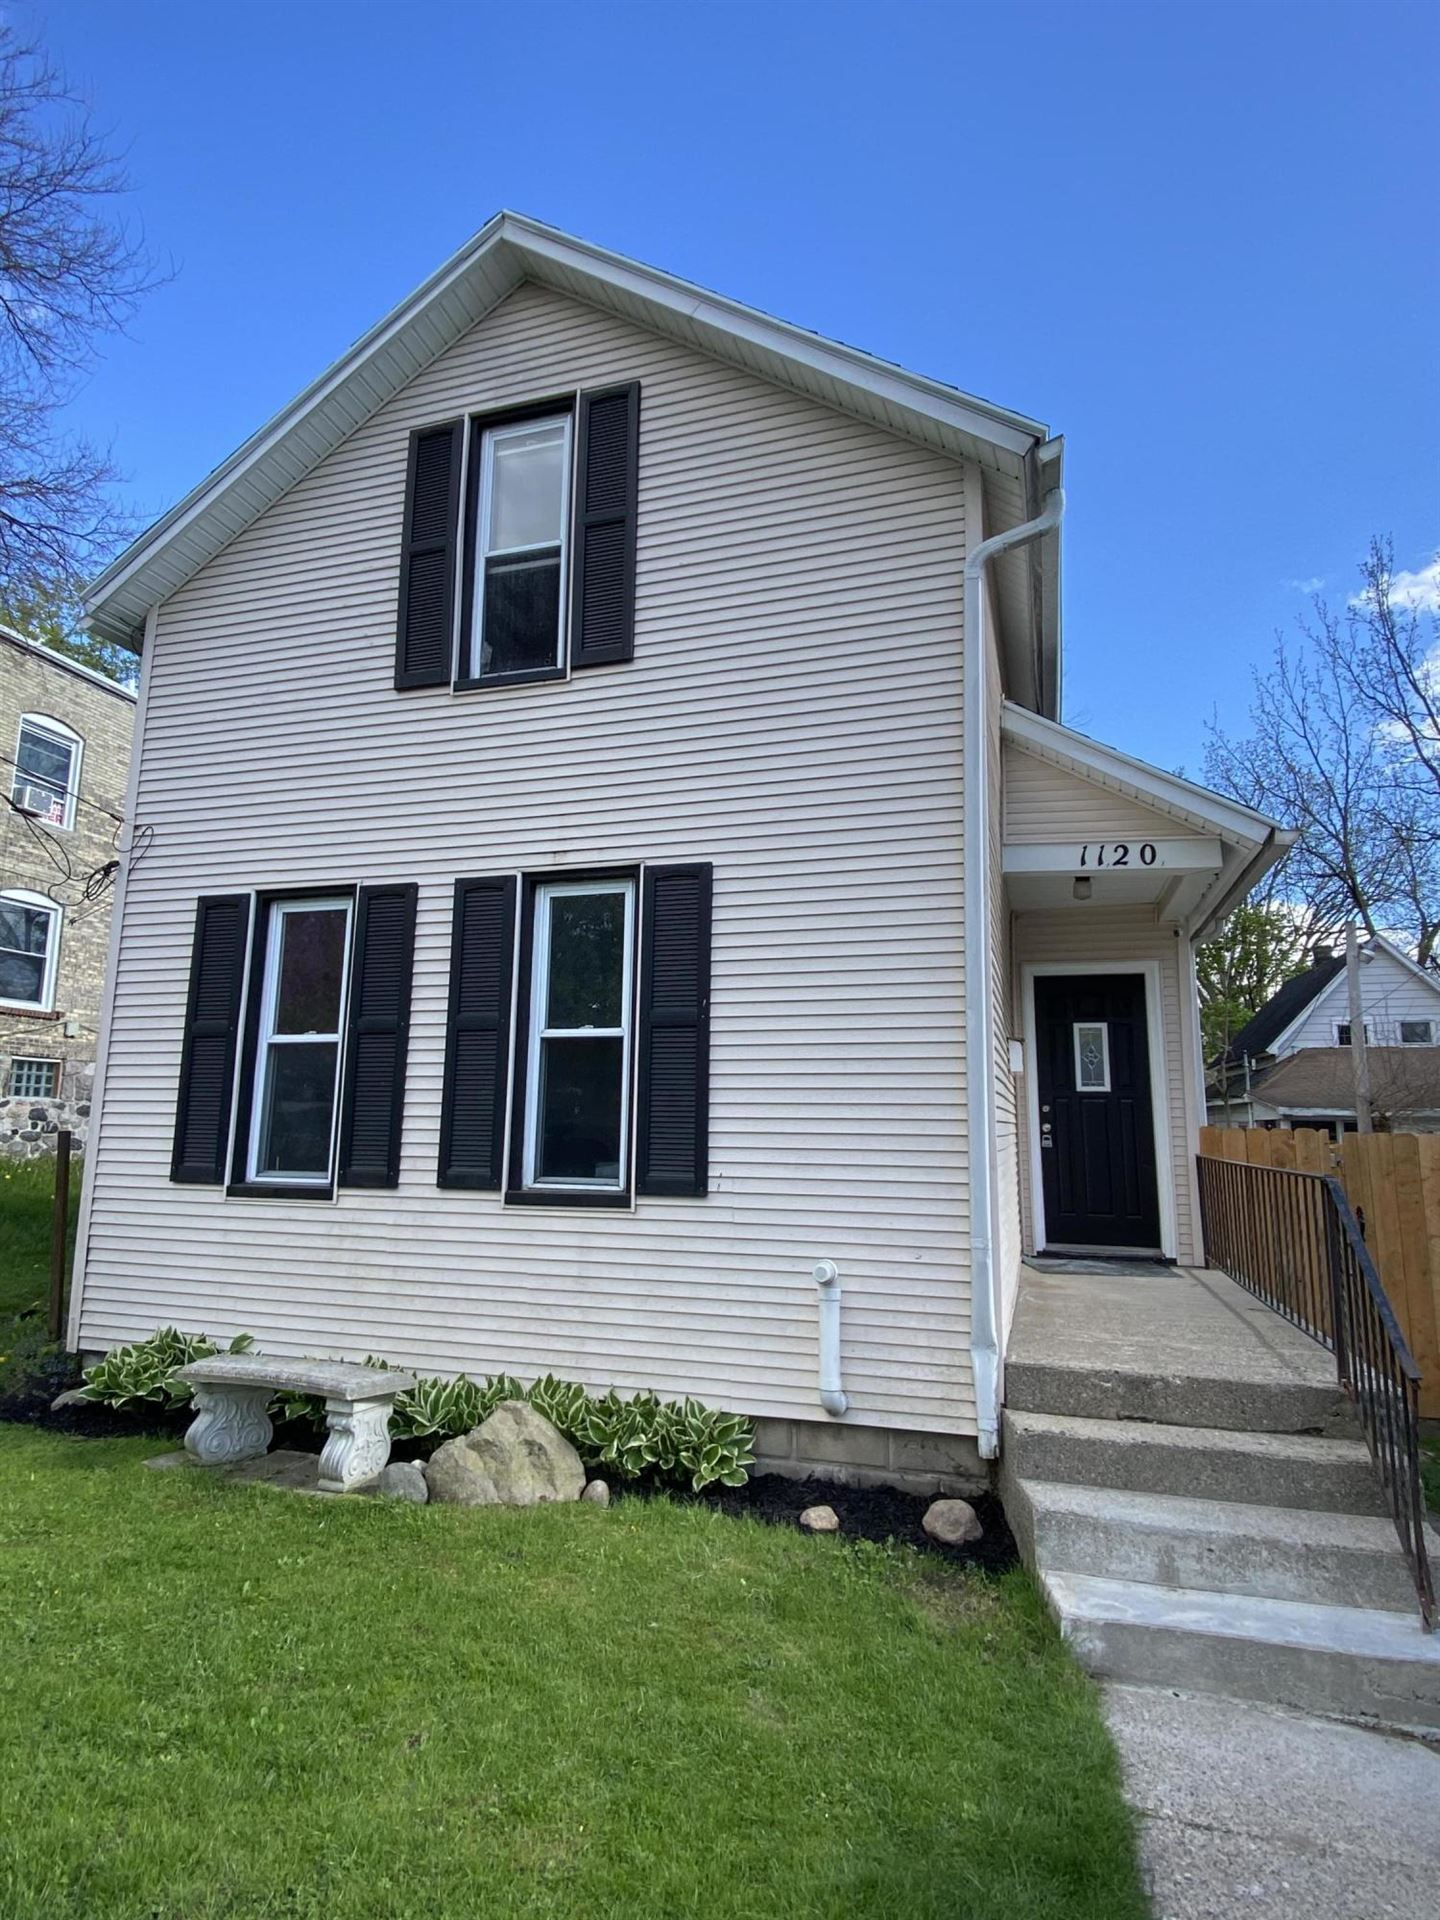 1120 3rd Street NW, Grand Rapids, MI 49504 - MLS#: 21016133